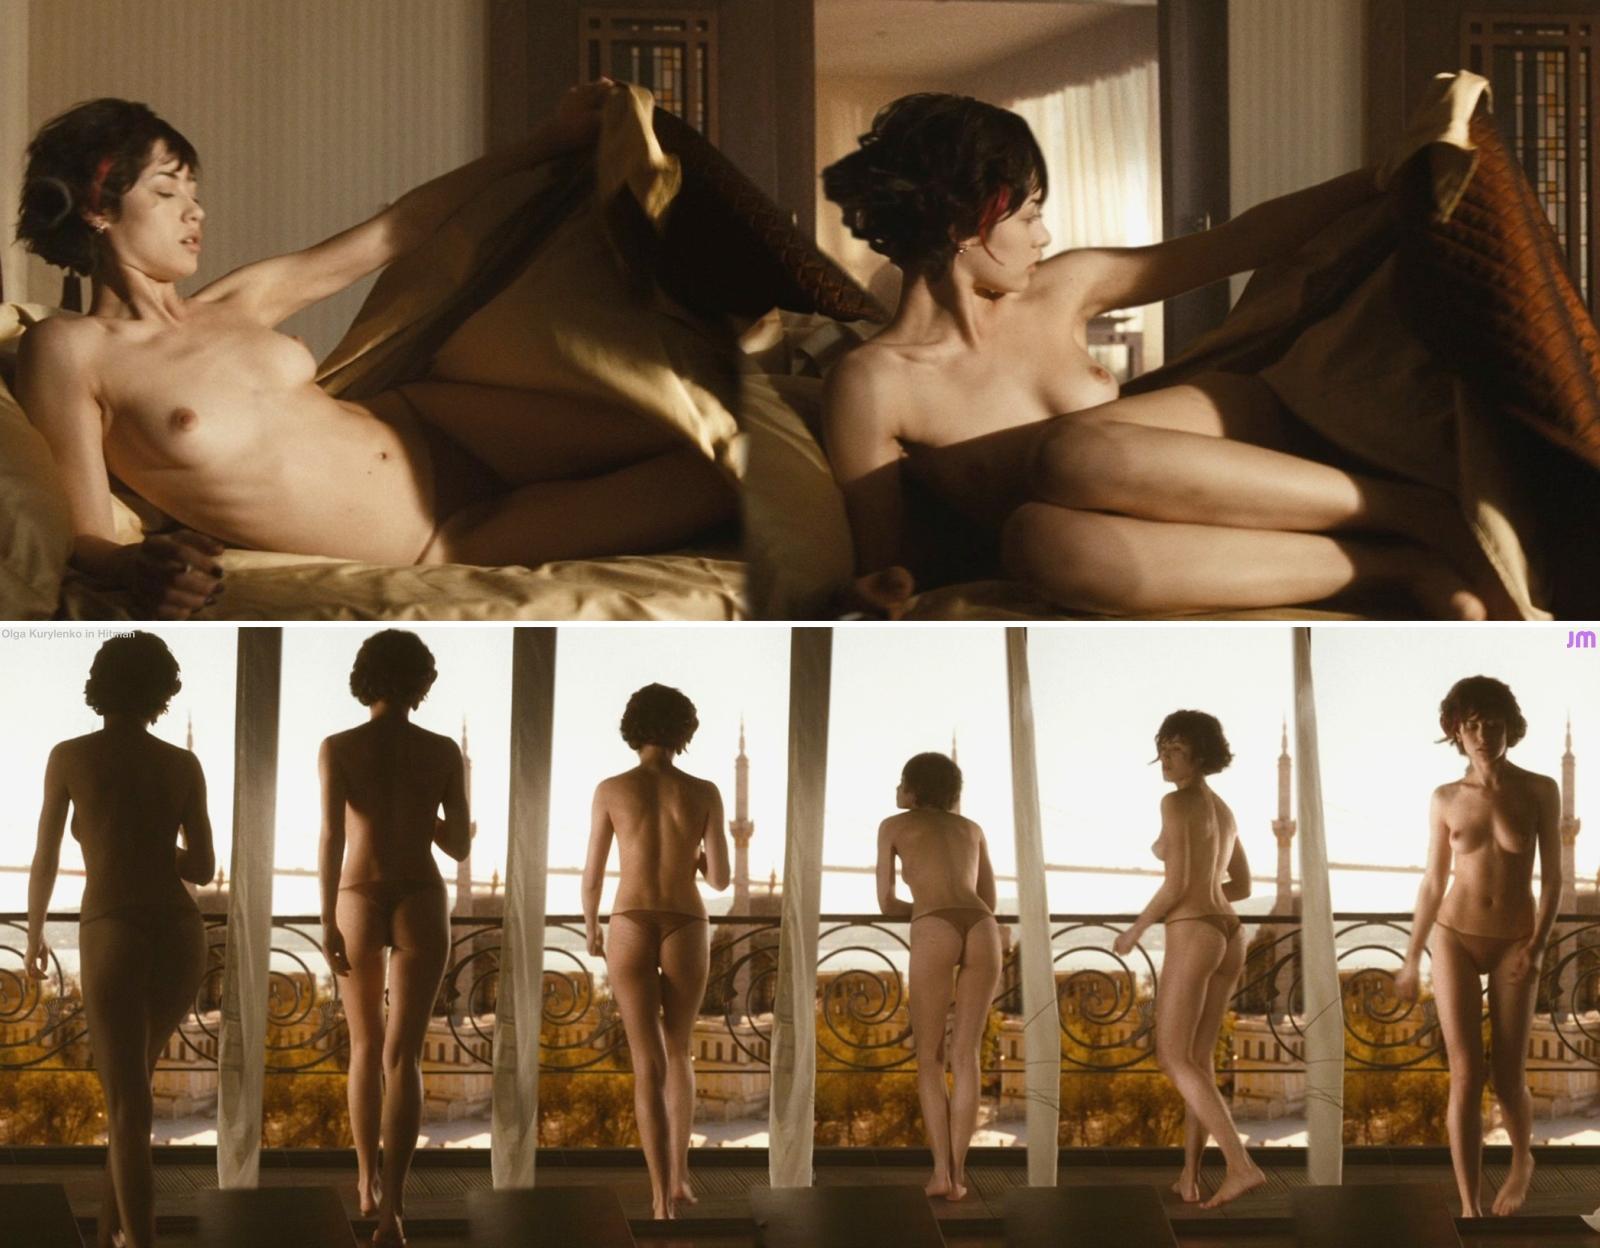 kurylenko nude Olga topless